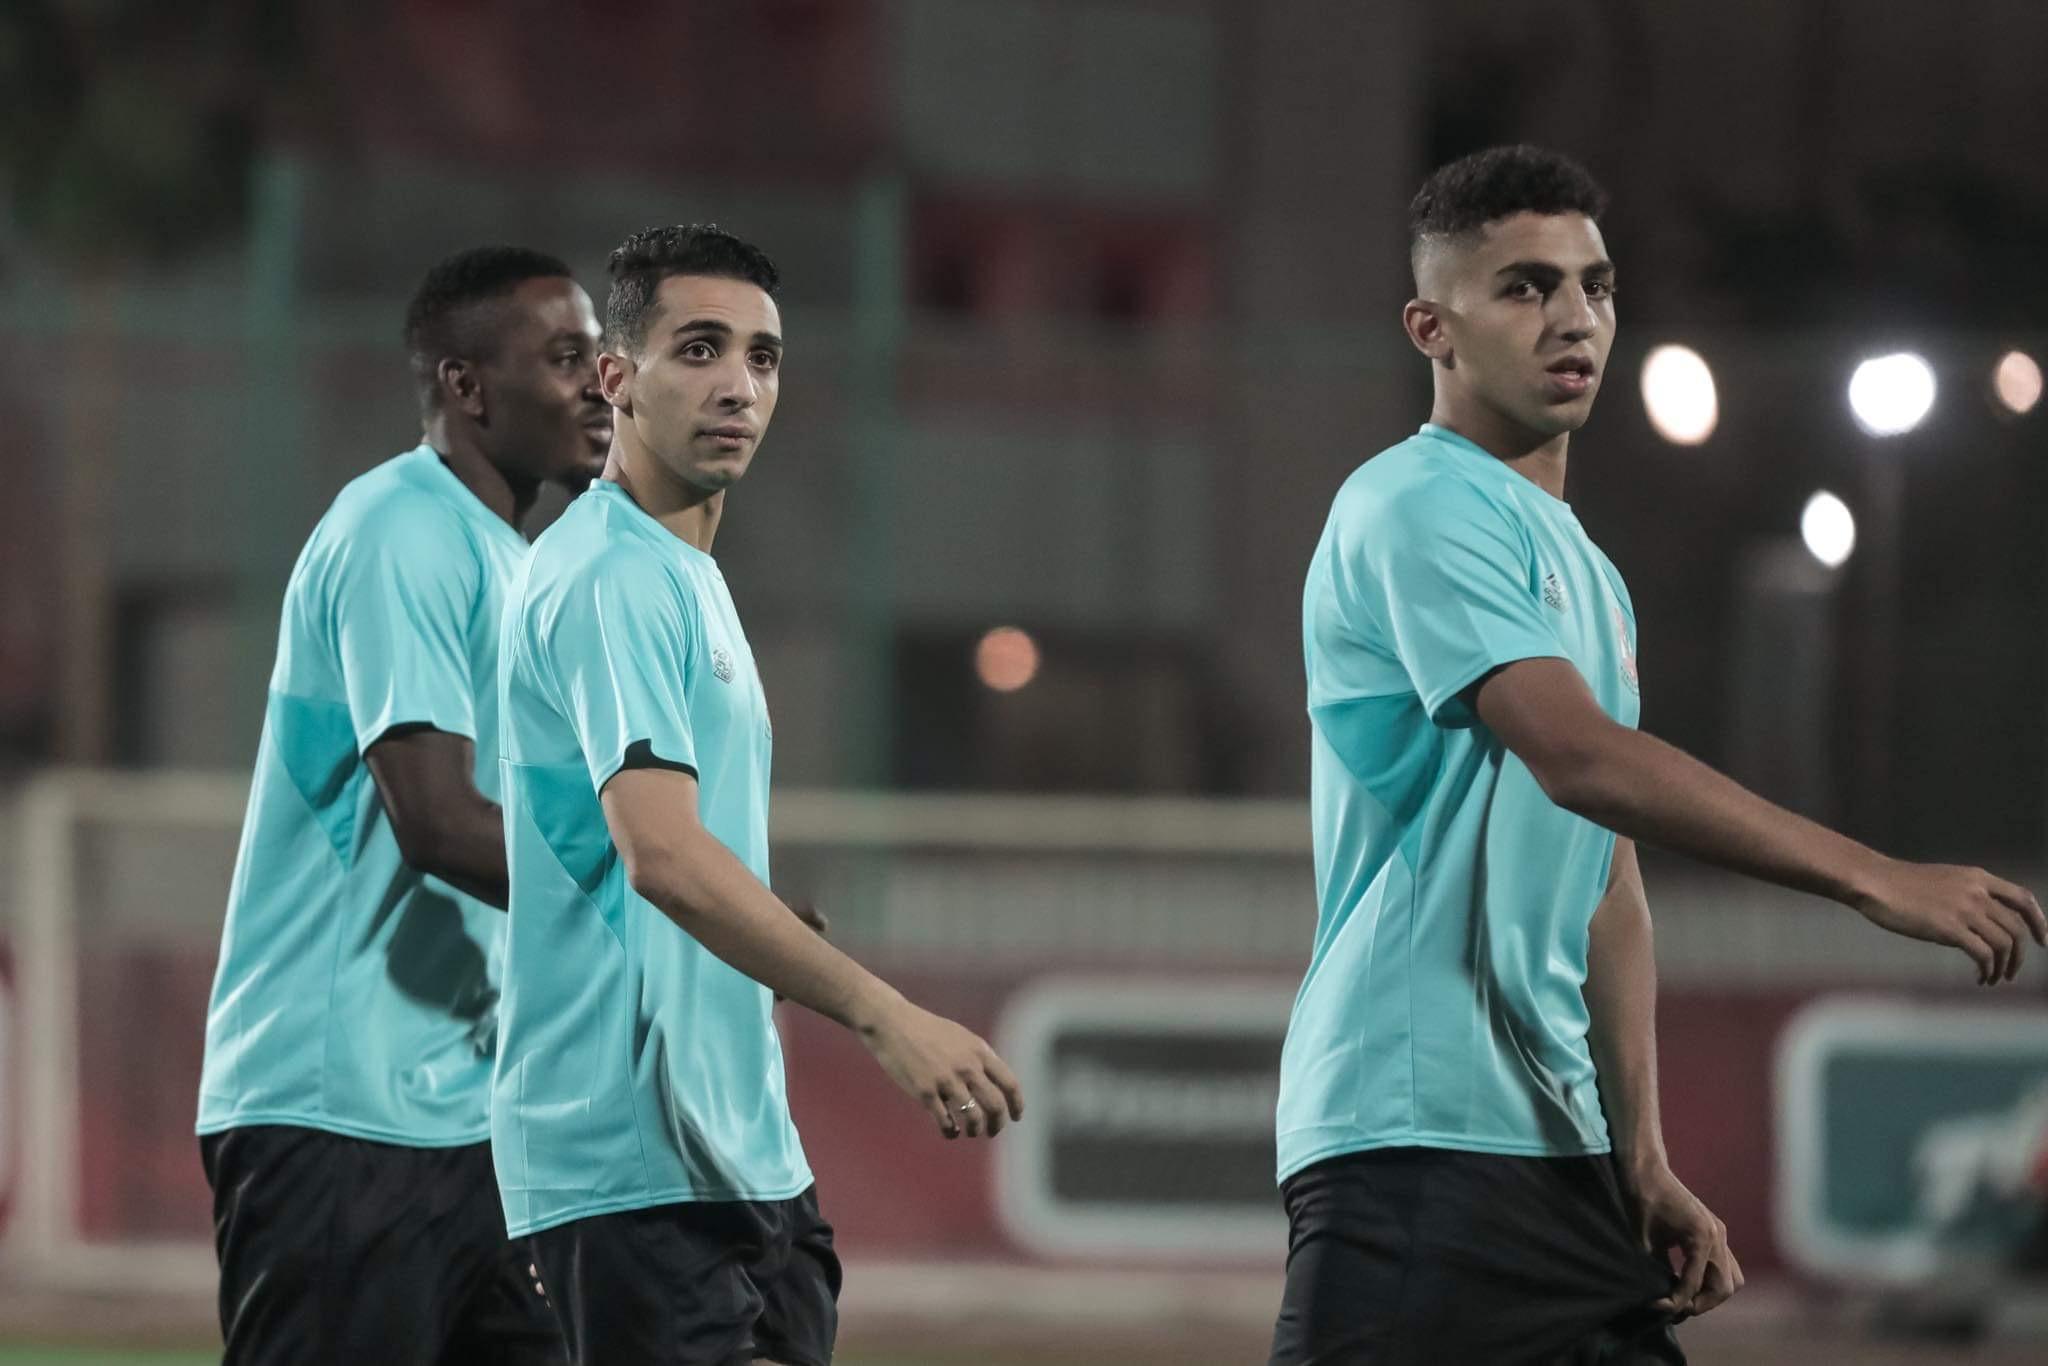 مران الأهلي| اللاعبون الجدد والعائدون من الإعارة ينتظمون في التدريبات